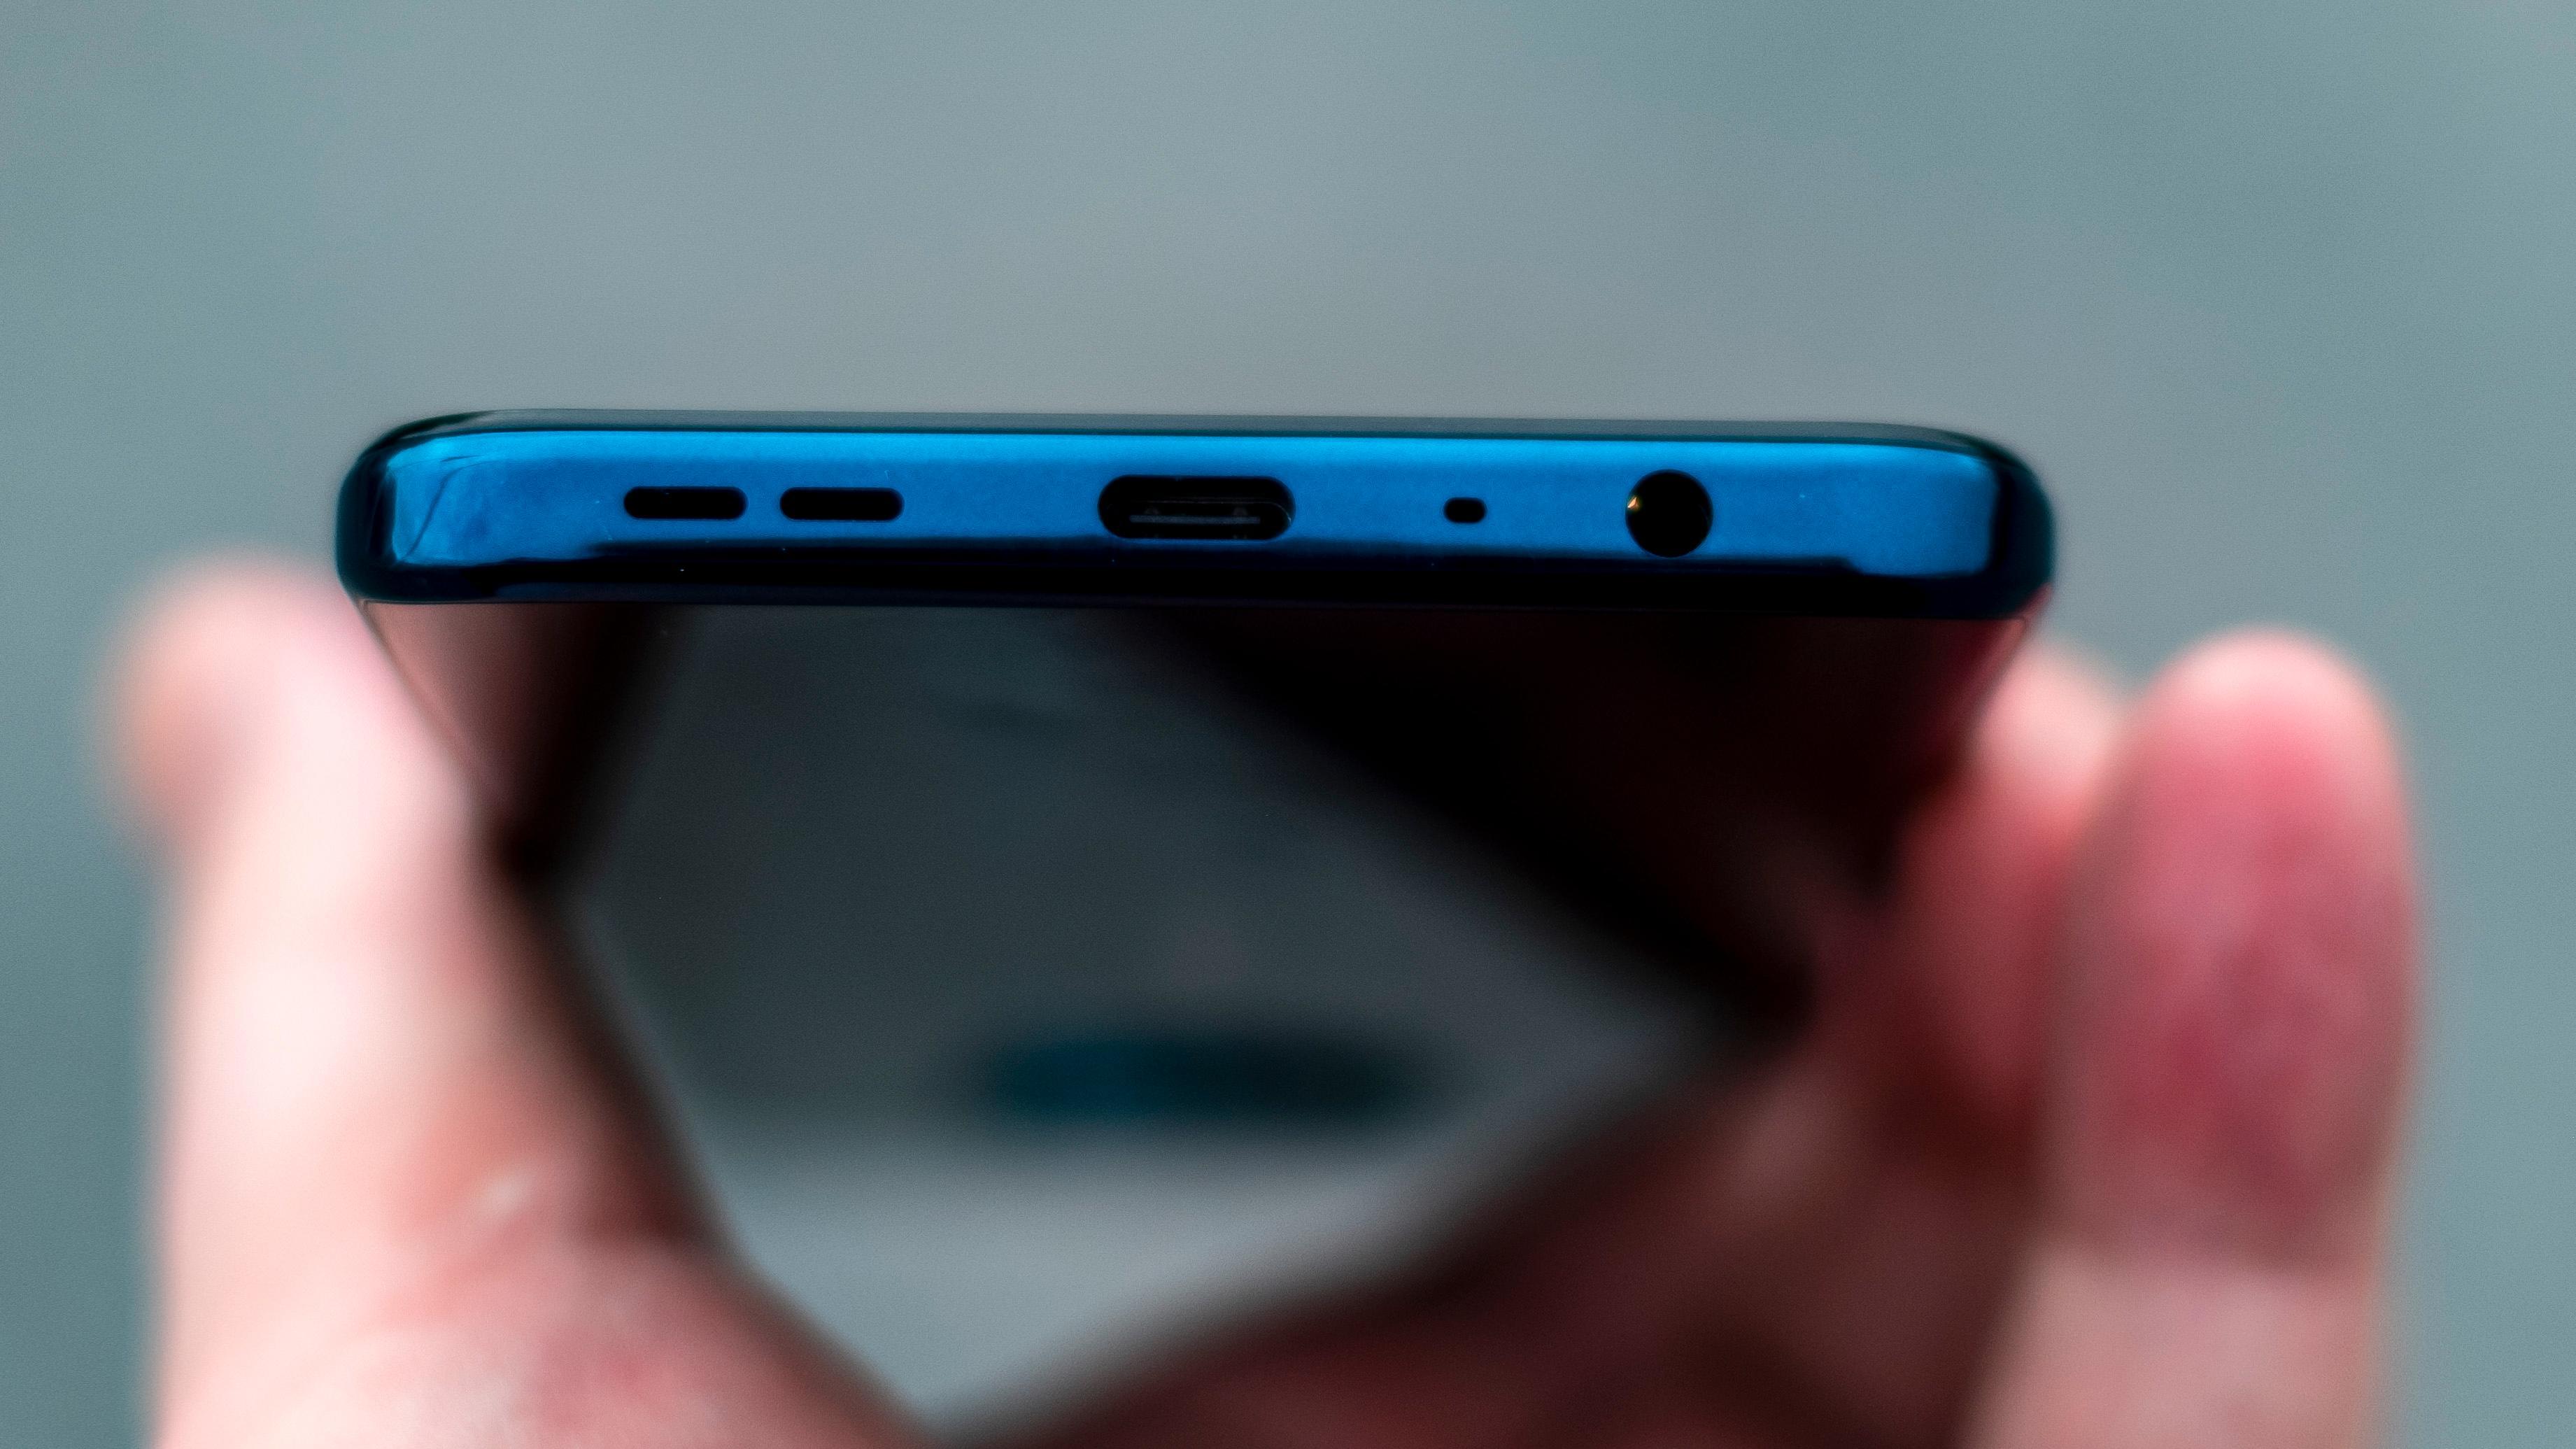 En godbit til slutt; Nokia 8.3 har hodetelefonkontakt. Og den har batteri som gjør at du kan høre på musikk lenge. Det er i hvert fall noe mange av konkurrentene ikke har.